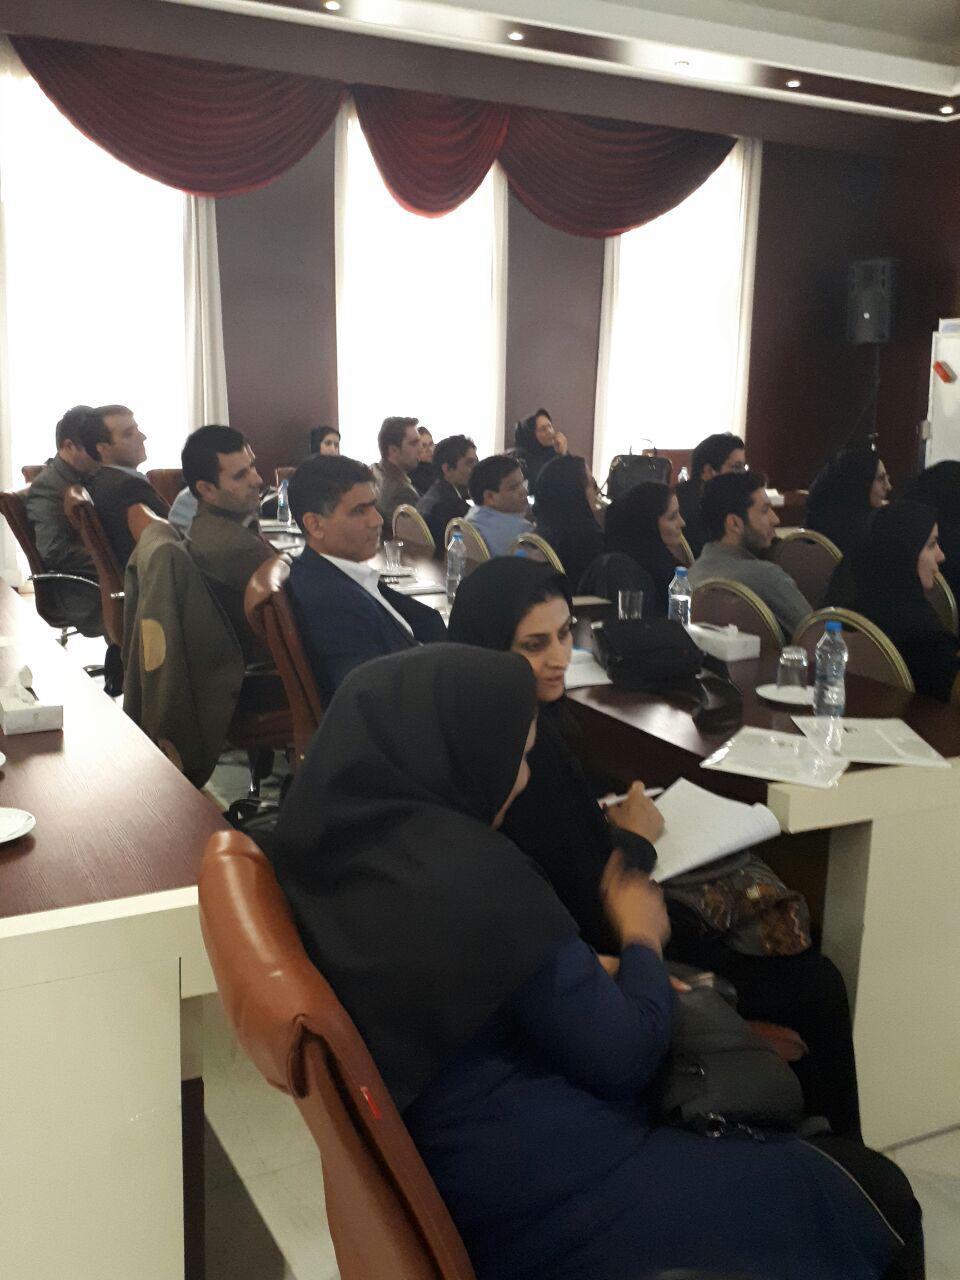 برگزاری سمینار آموزش پرستاری دستگاه های دیالیز  4008s Classic فرزنیوس در مشهد 29